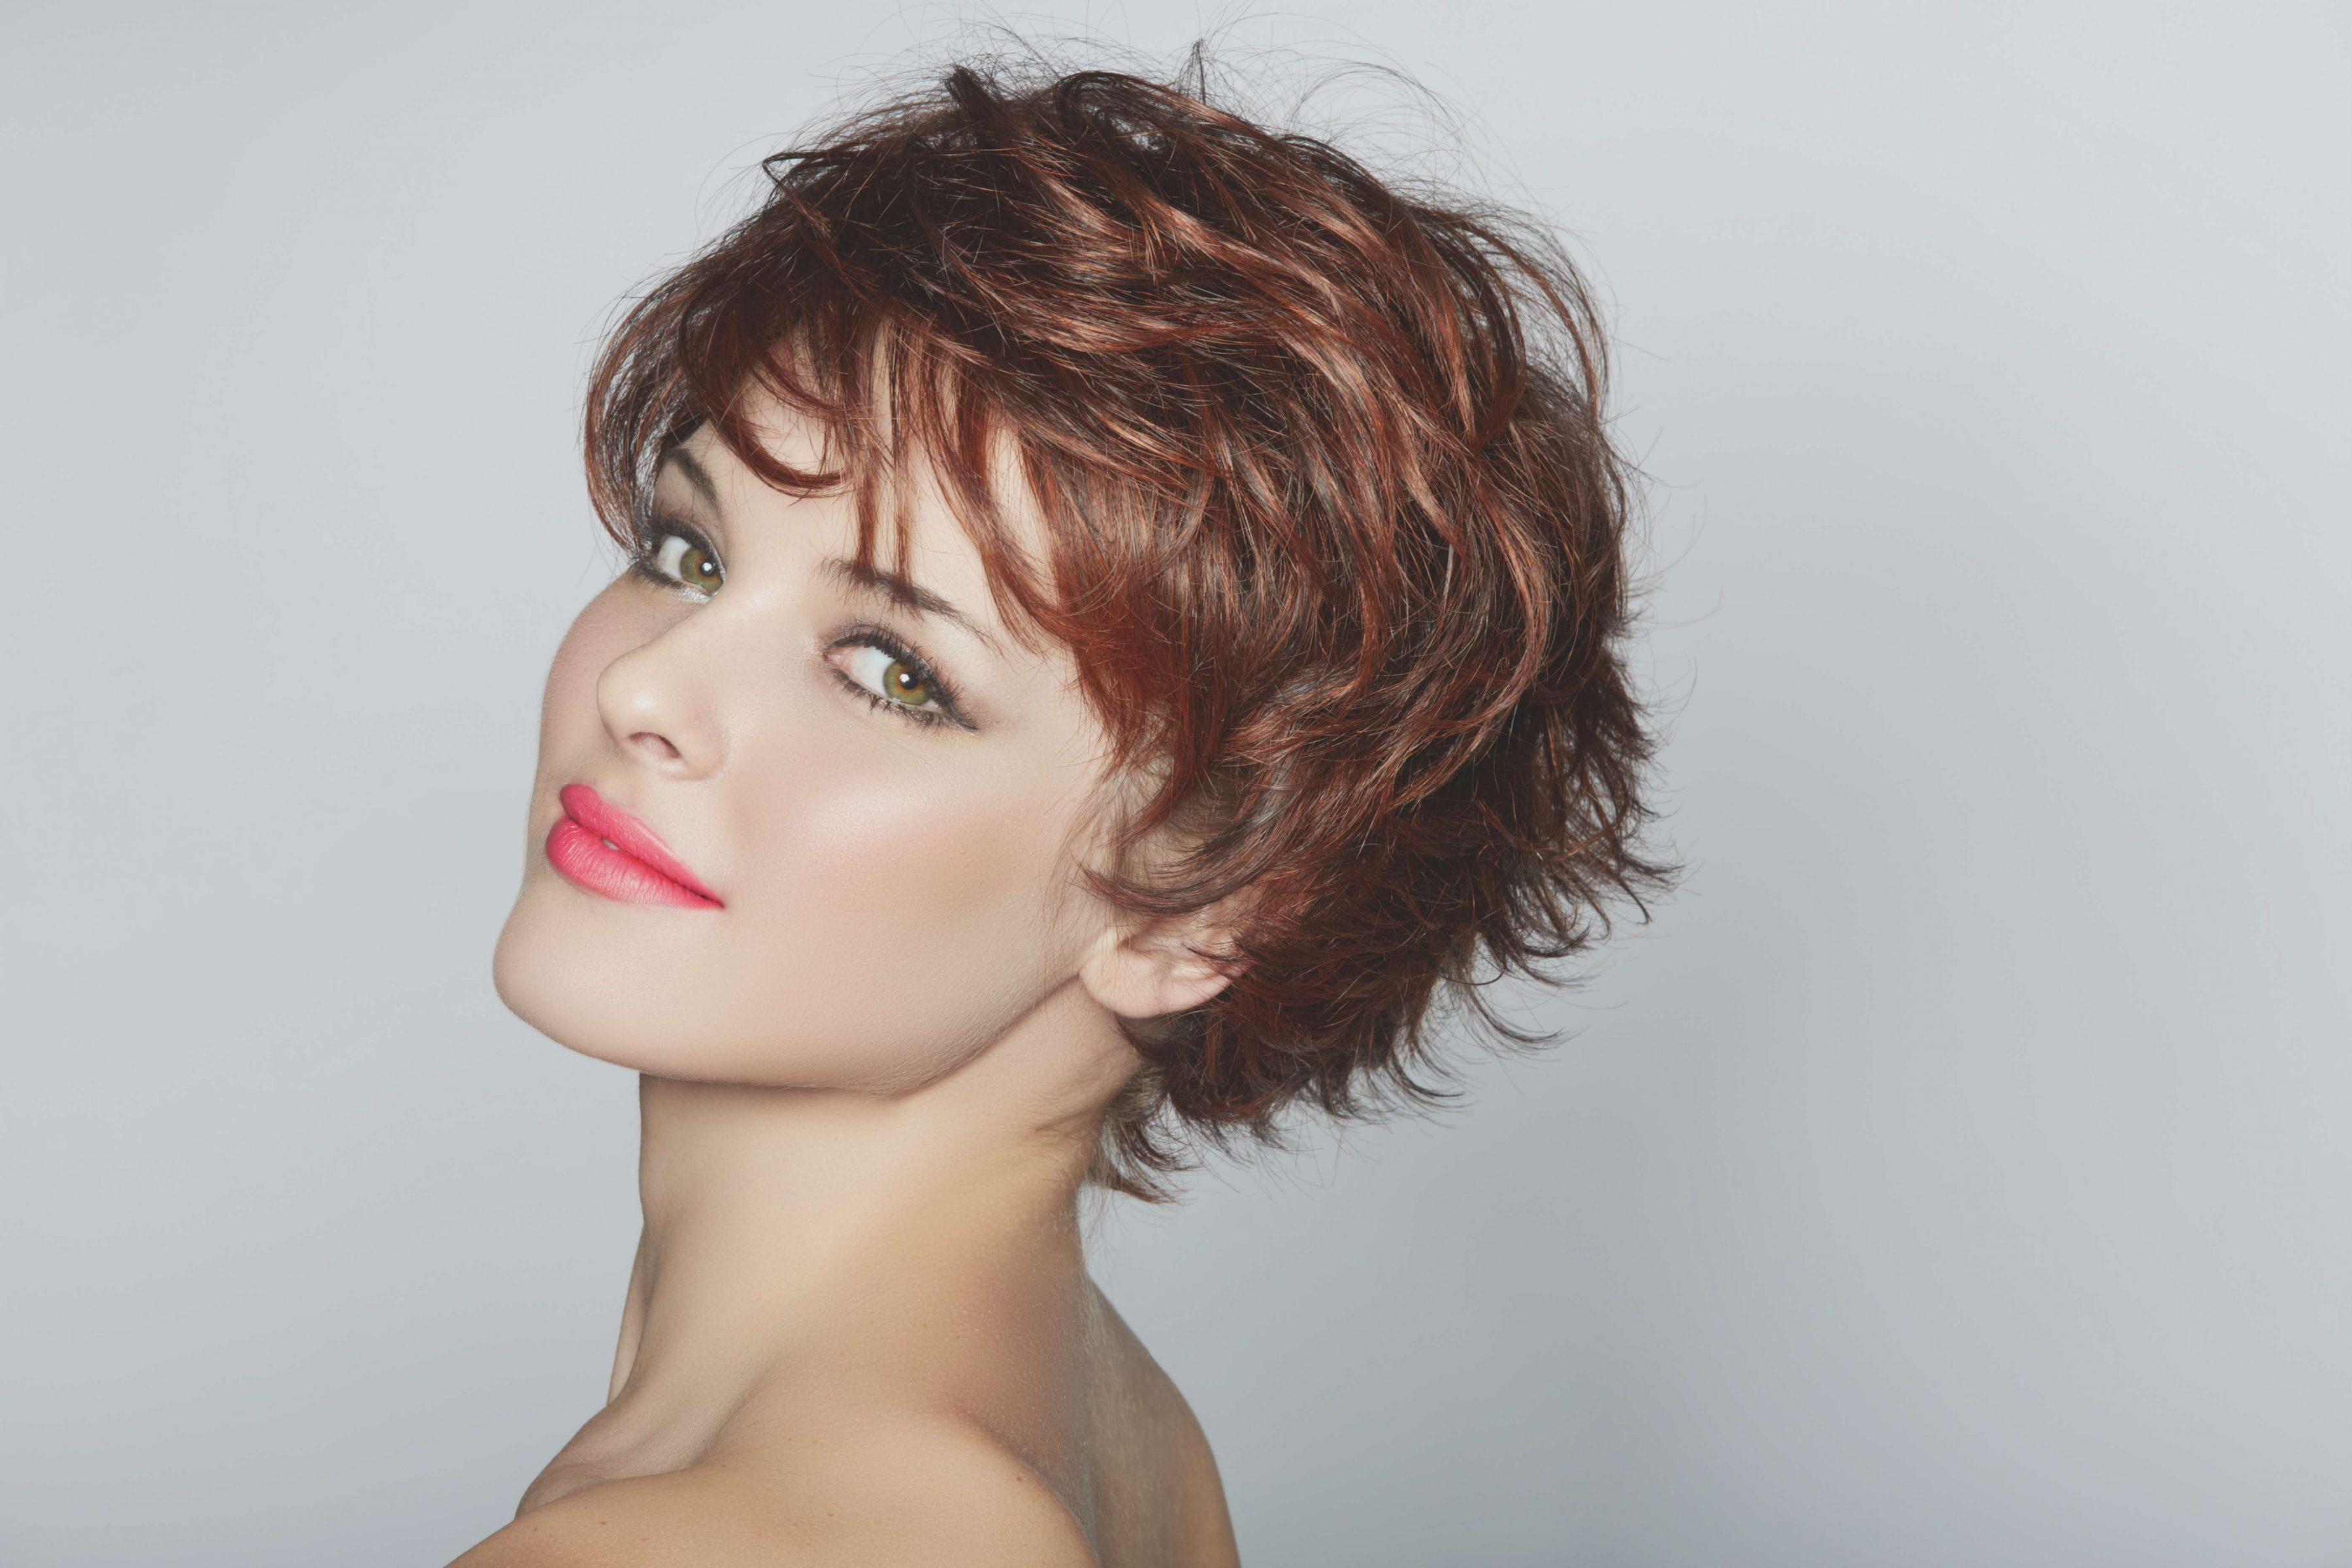 Стрижки на короткие волосы: кому пойдут стрижки на короткие волосы